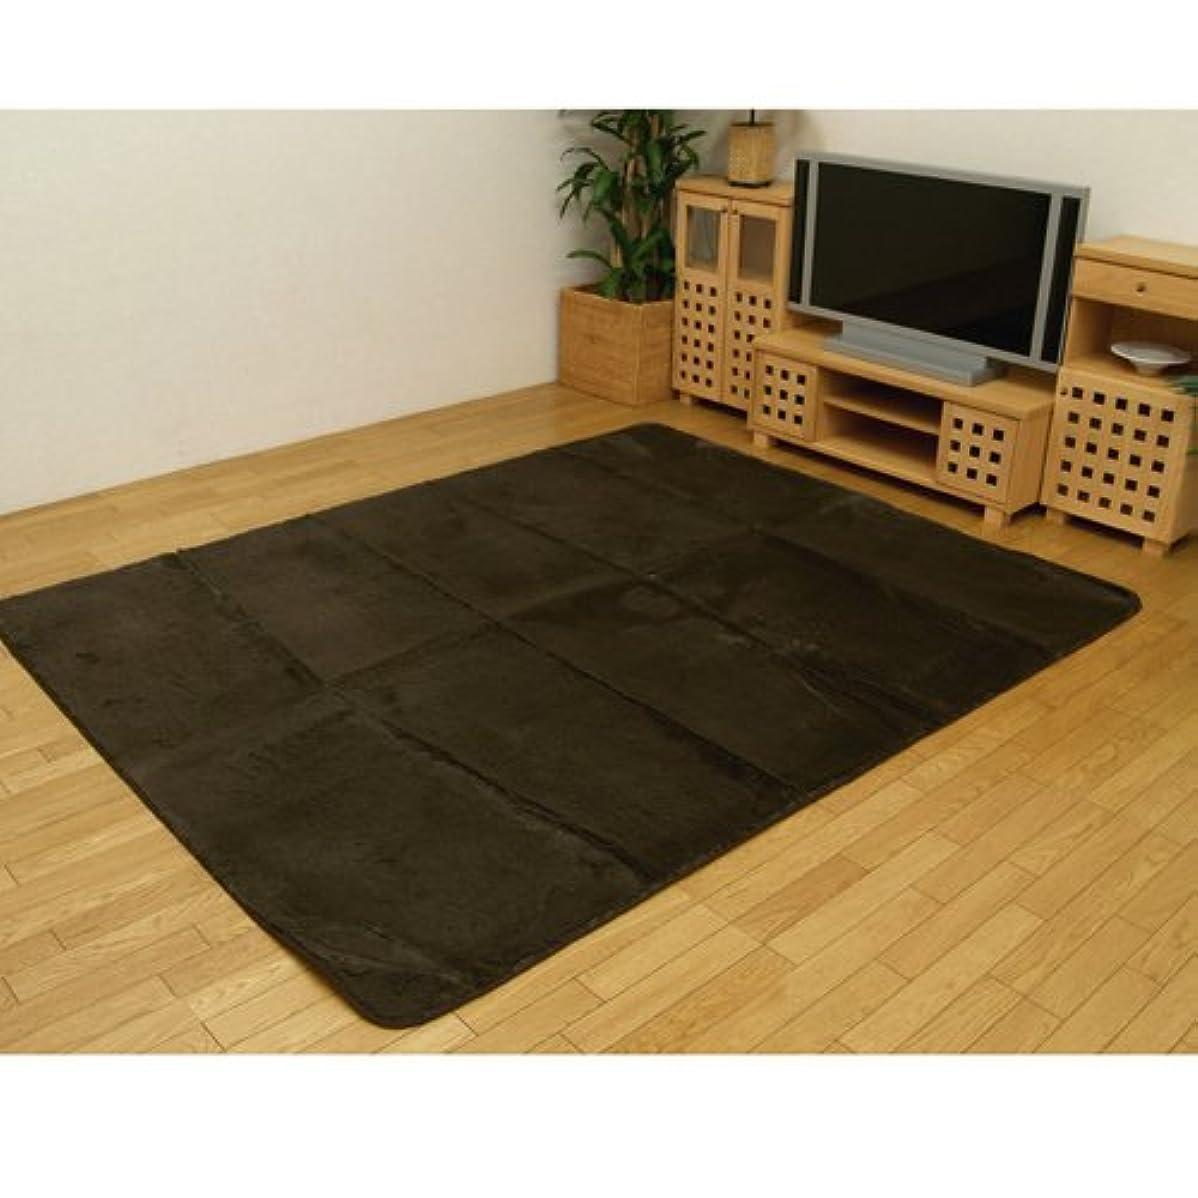 戻る教養がある平野イケヒコ ラグ カーペット 4畳 無地 フィラメント糸 『フィリップ』 ブラウン 約200×300cm ホットカーペット対応